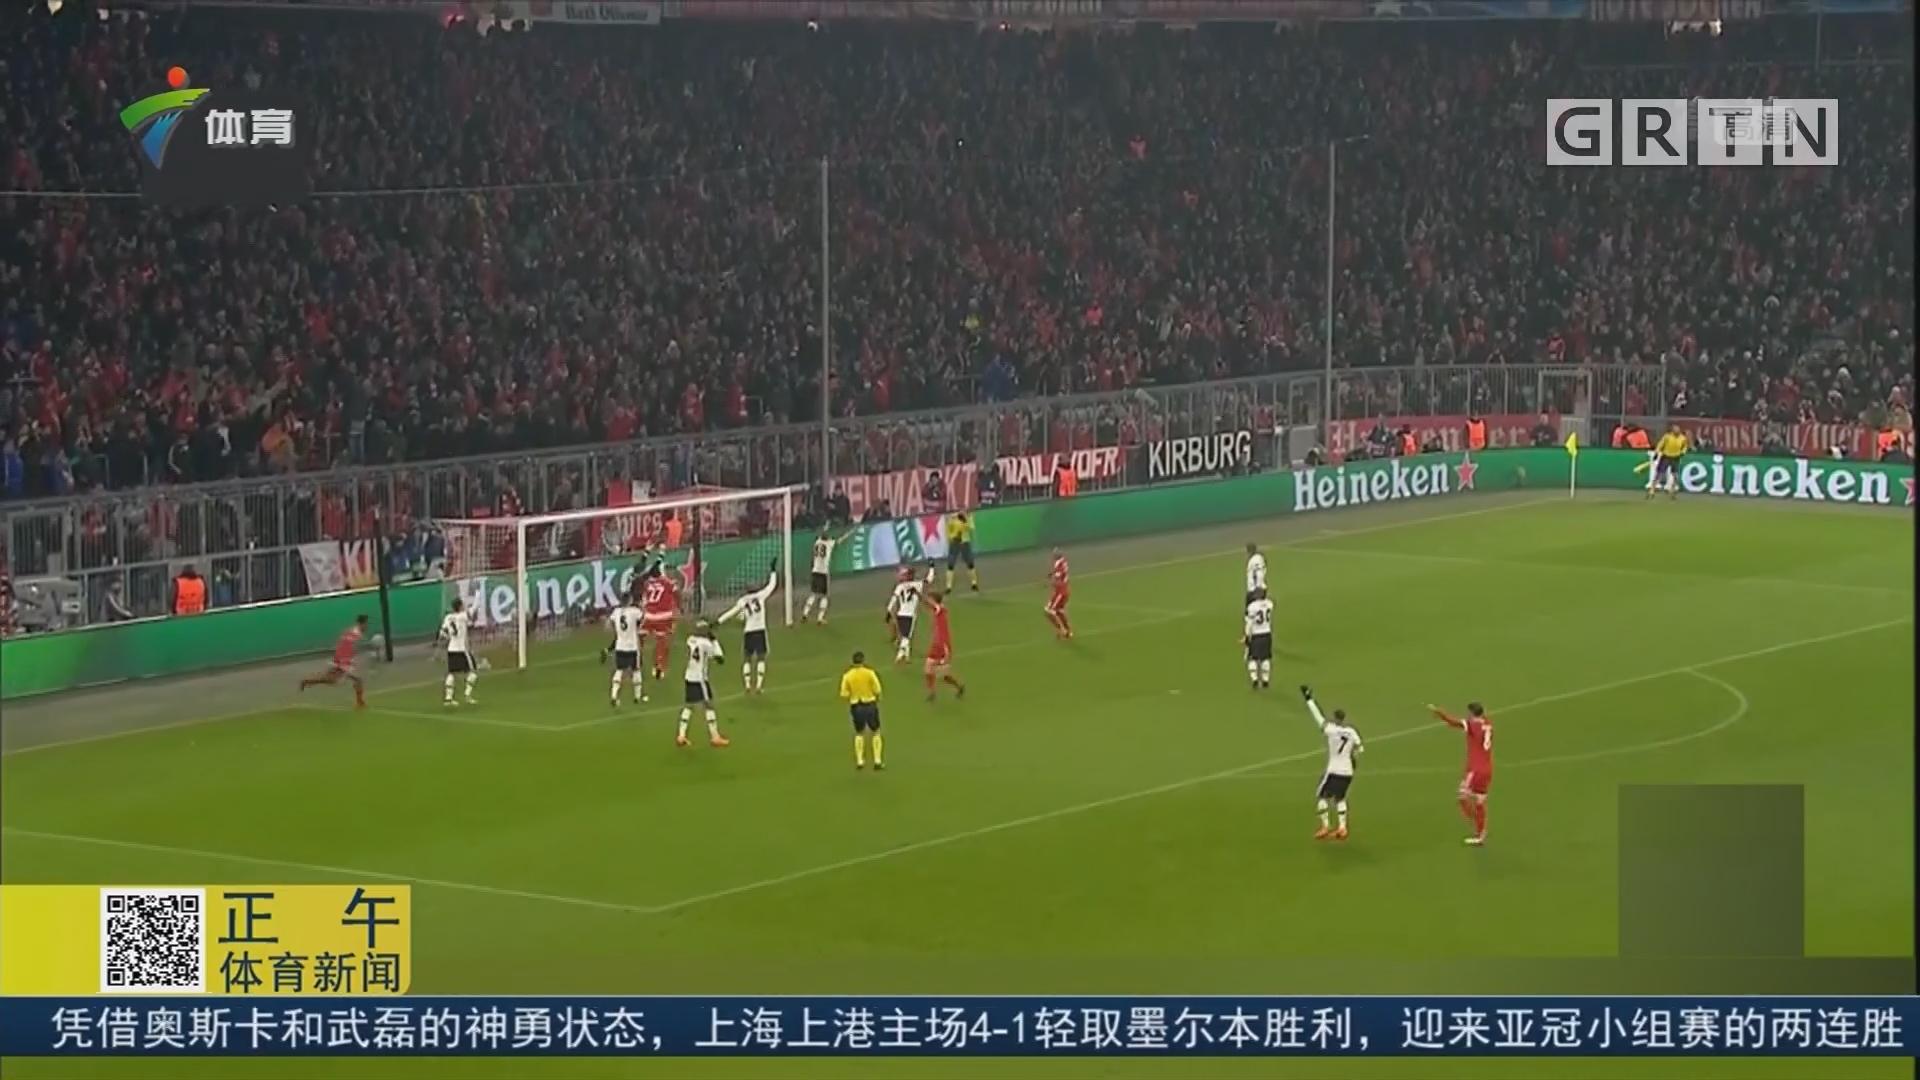 拜仁五球狂胜对手占先机